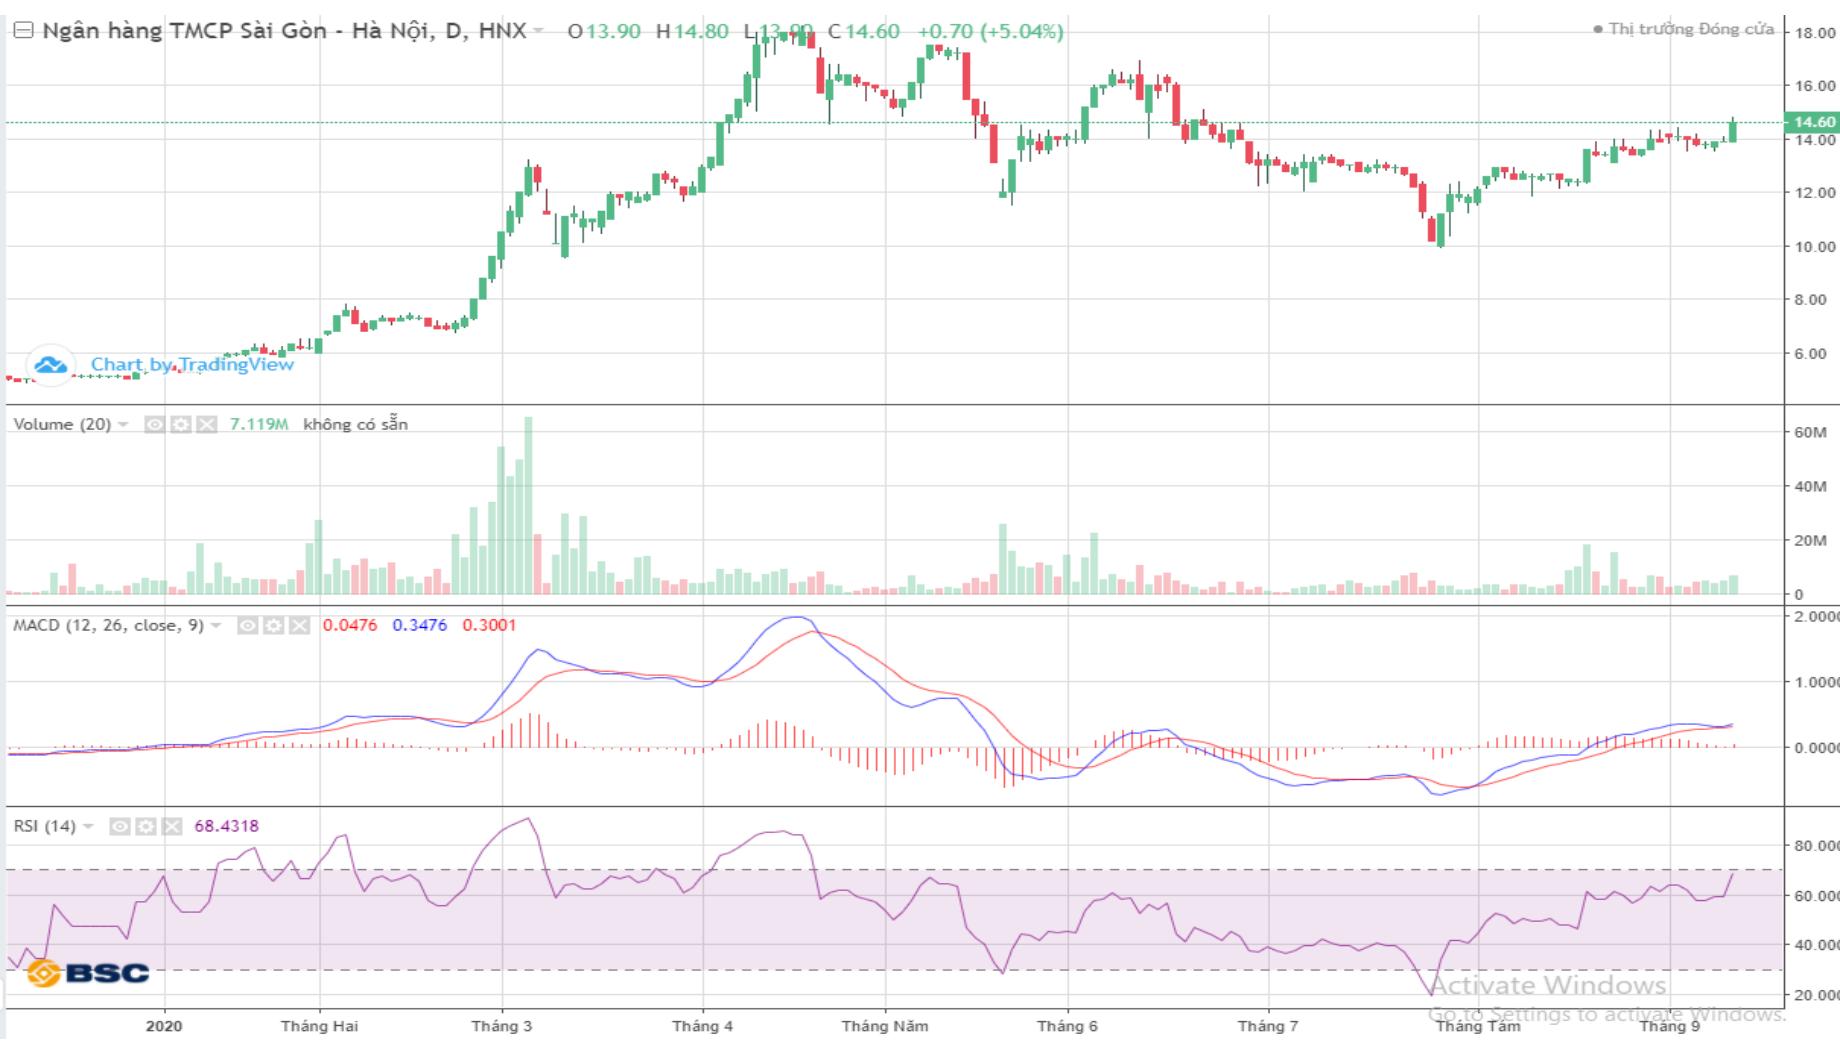 Cổ phiếu tâm điểm ngày 14/9: SHB, HDG, ACV, BSR - Ảnh 2.